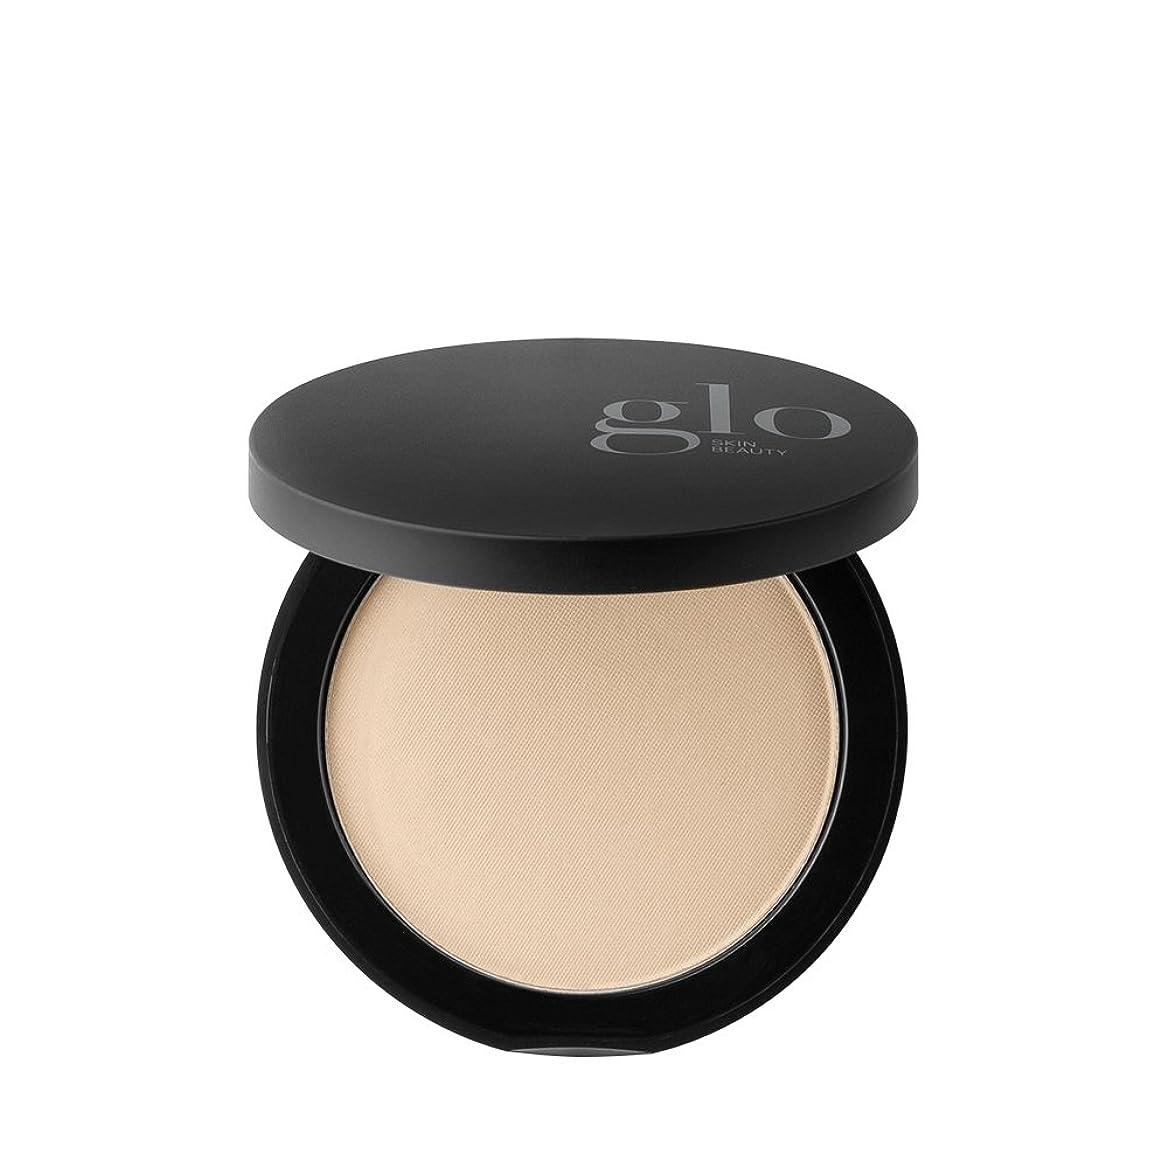 はぁ兄弟愛作成するGlo Skin Beauty Pressed Base - # Golden Light 9g/0.31oz並行輸入品